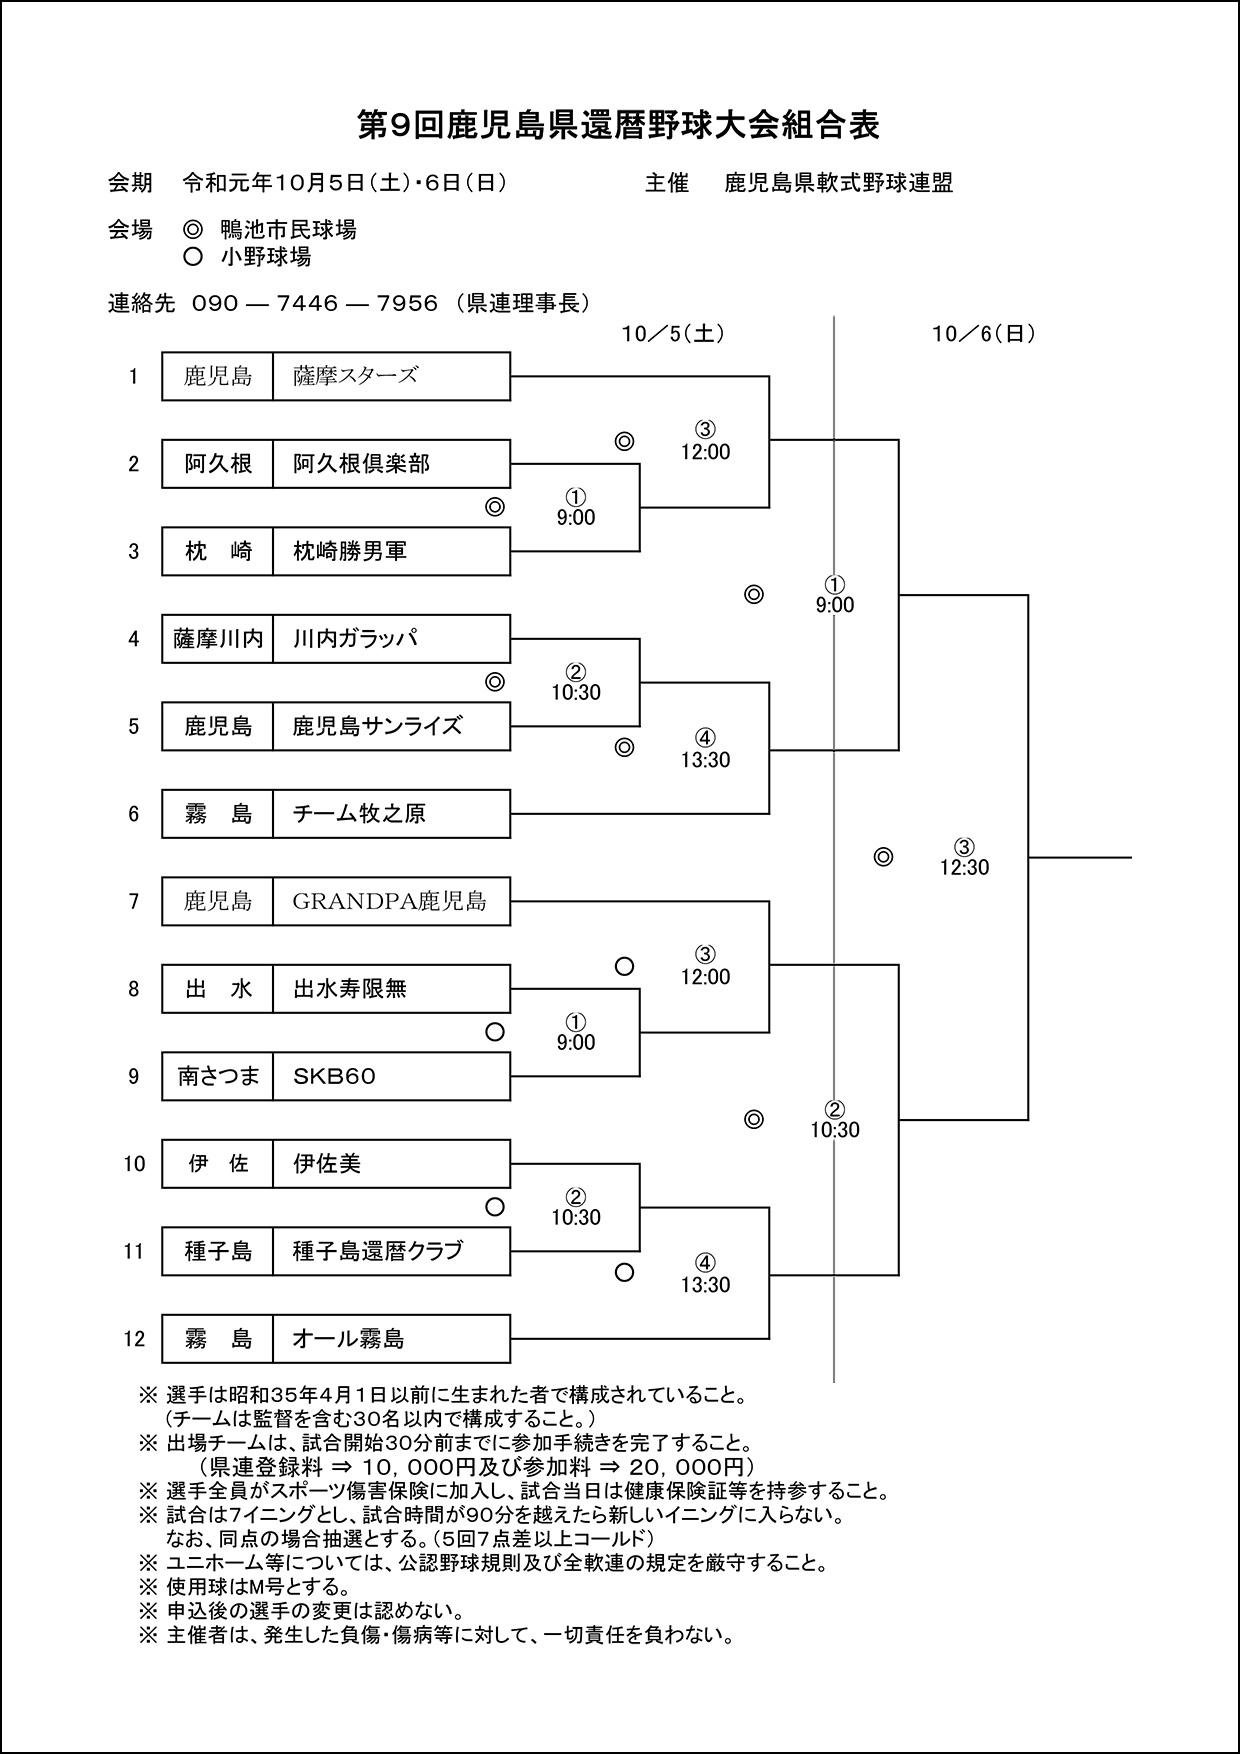 【組合表】第9回鹿児島県還暦野球大会